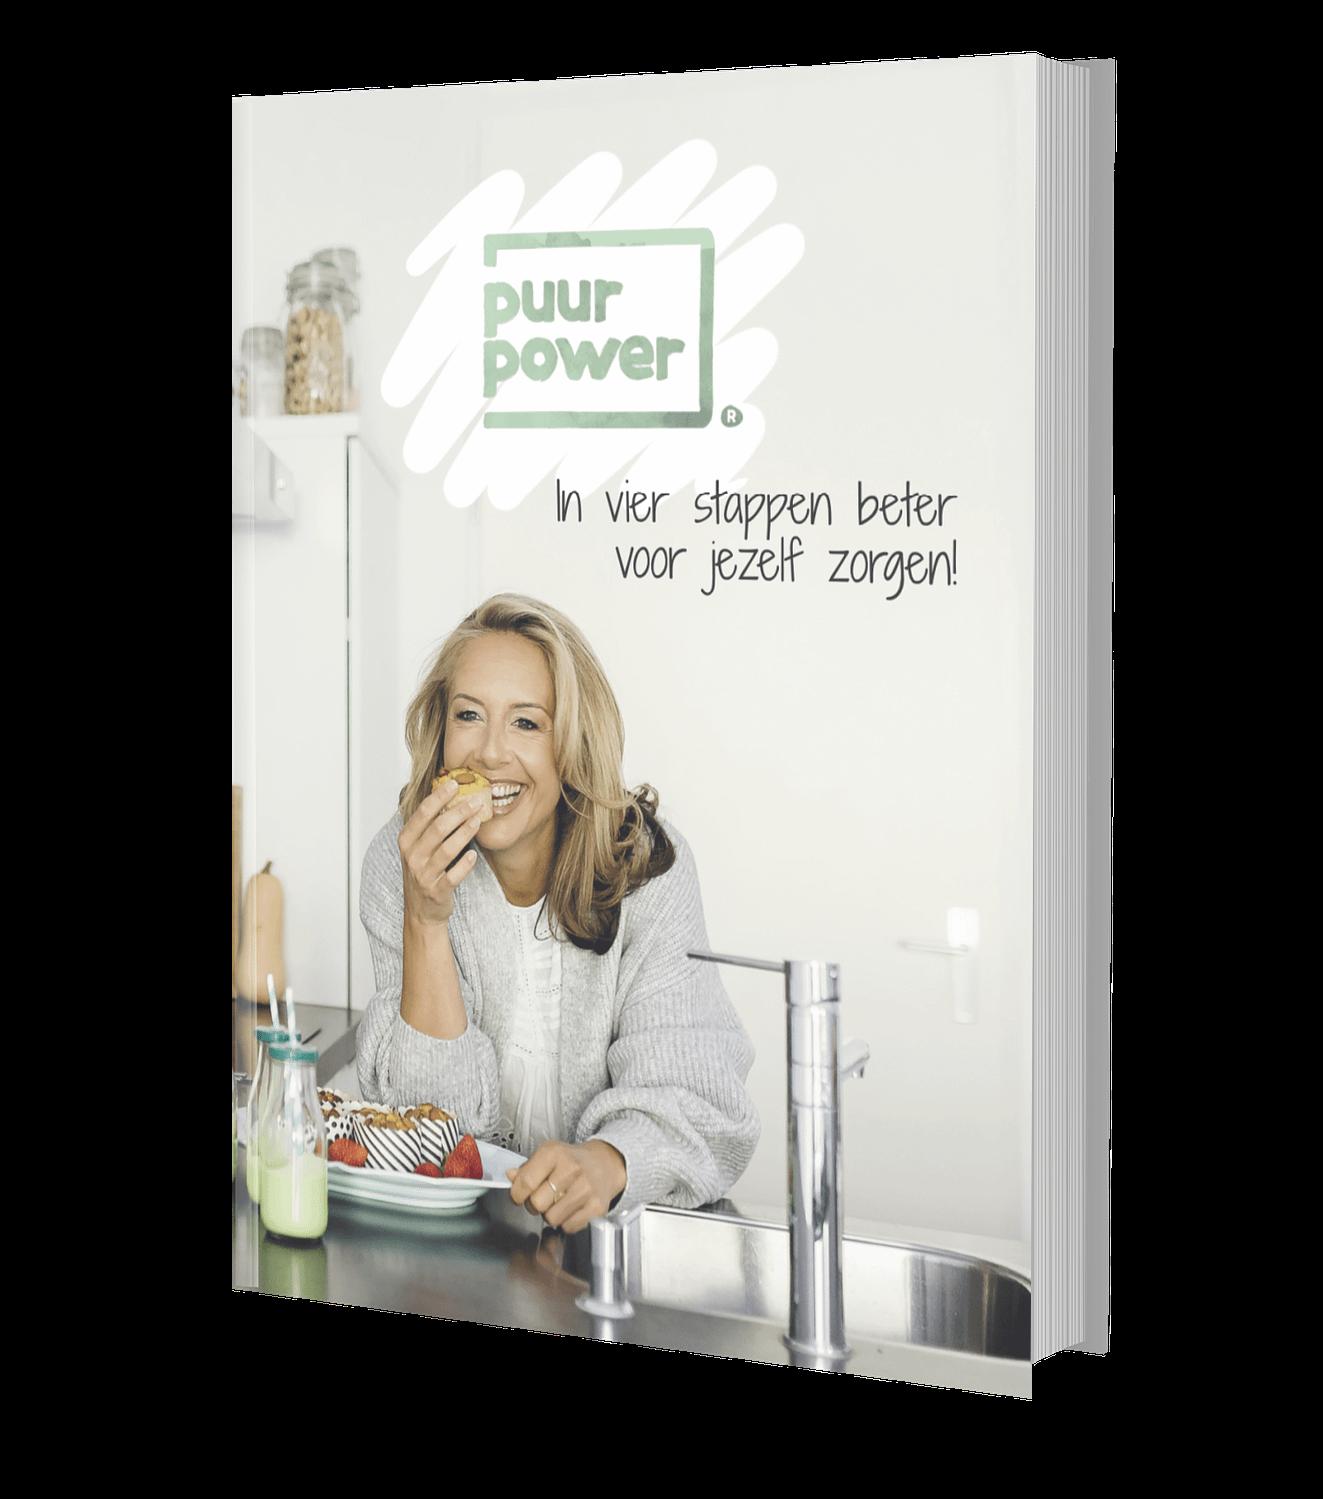 Gratis E-boek in 4 stappen beter voor jezelf zorgen